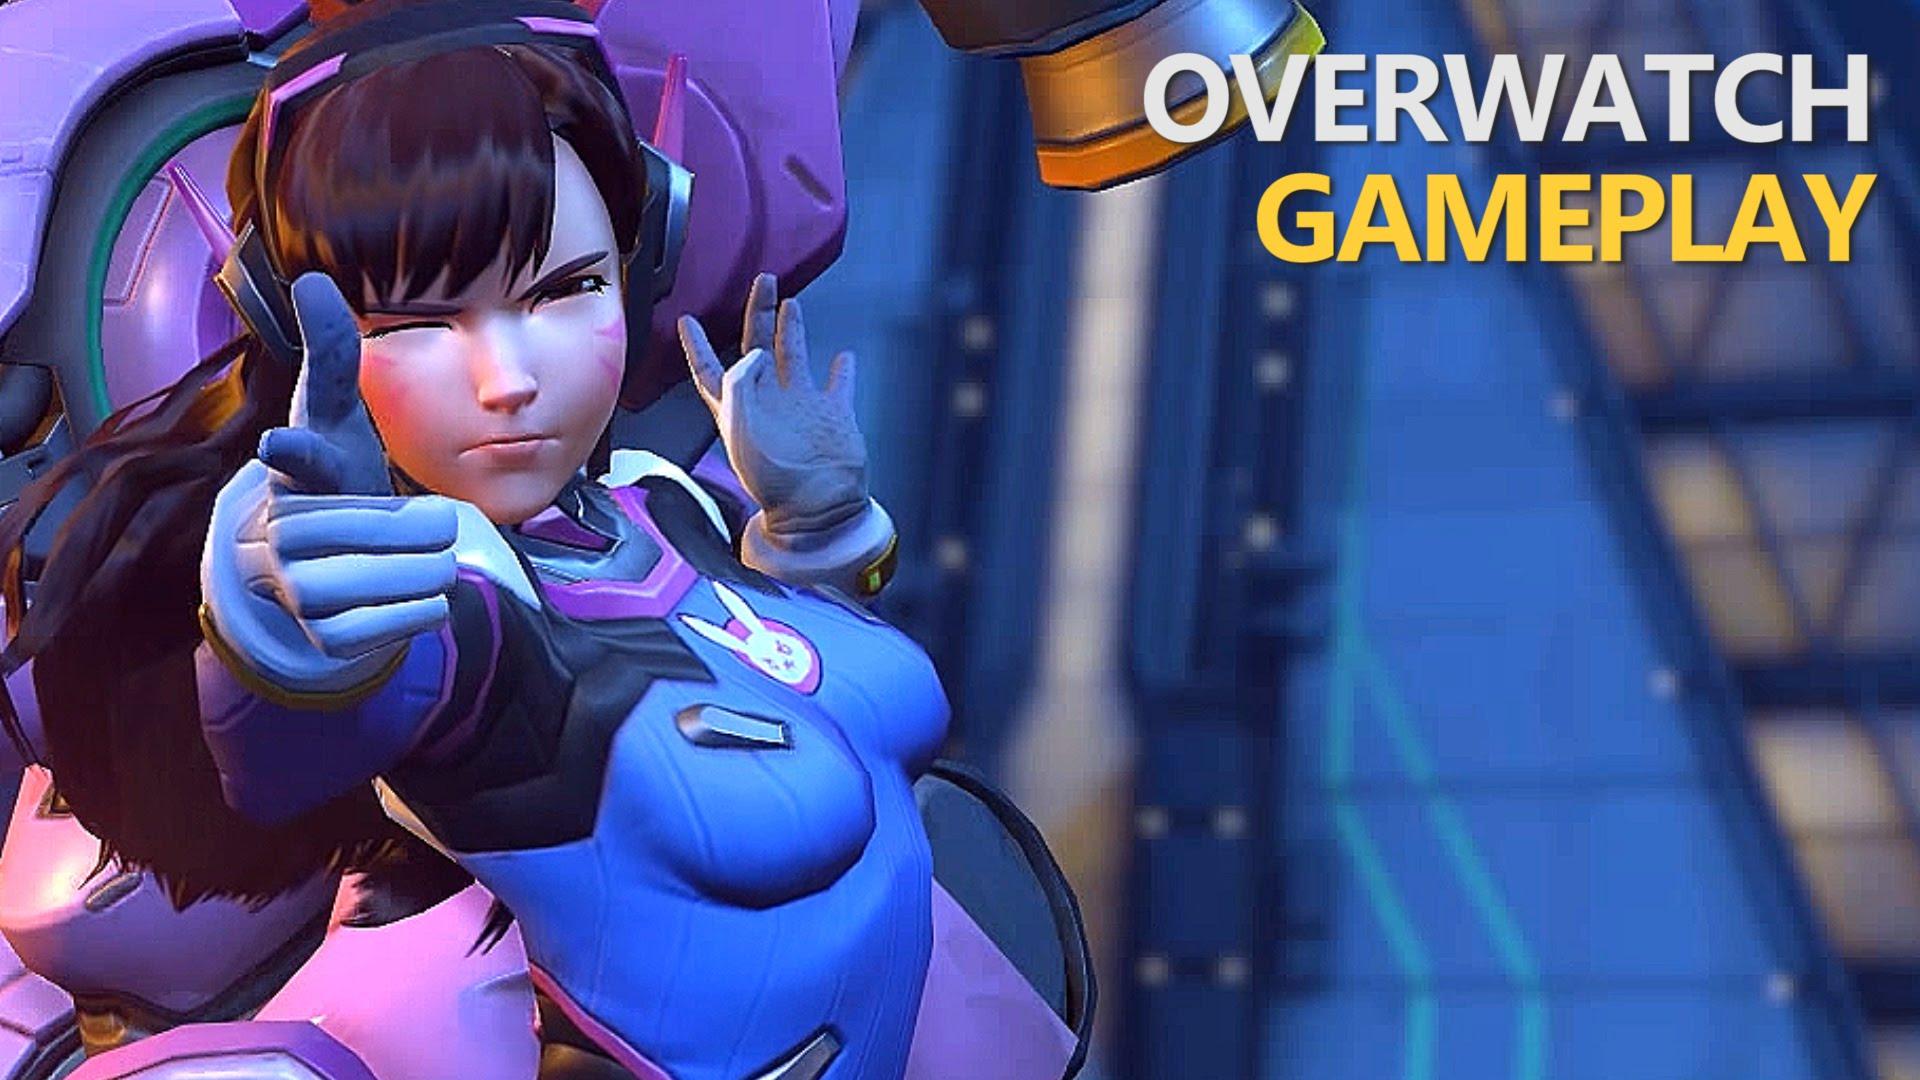 Overwatch : D.Va Background